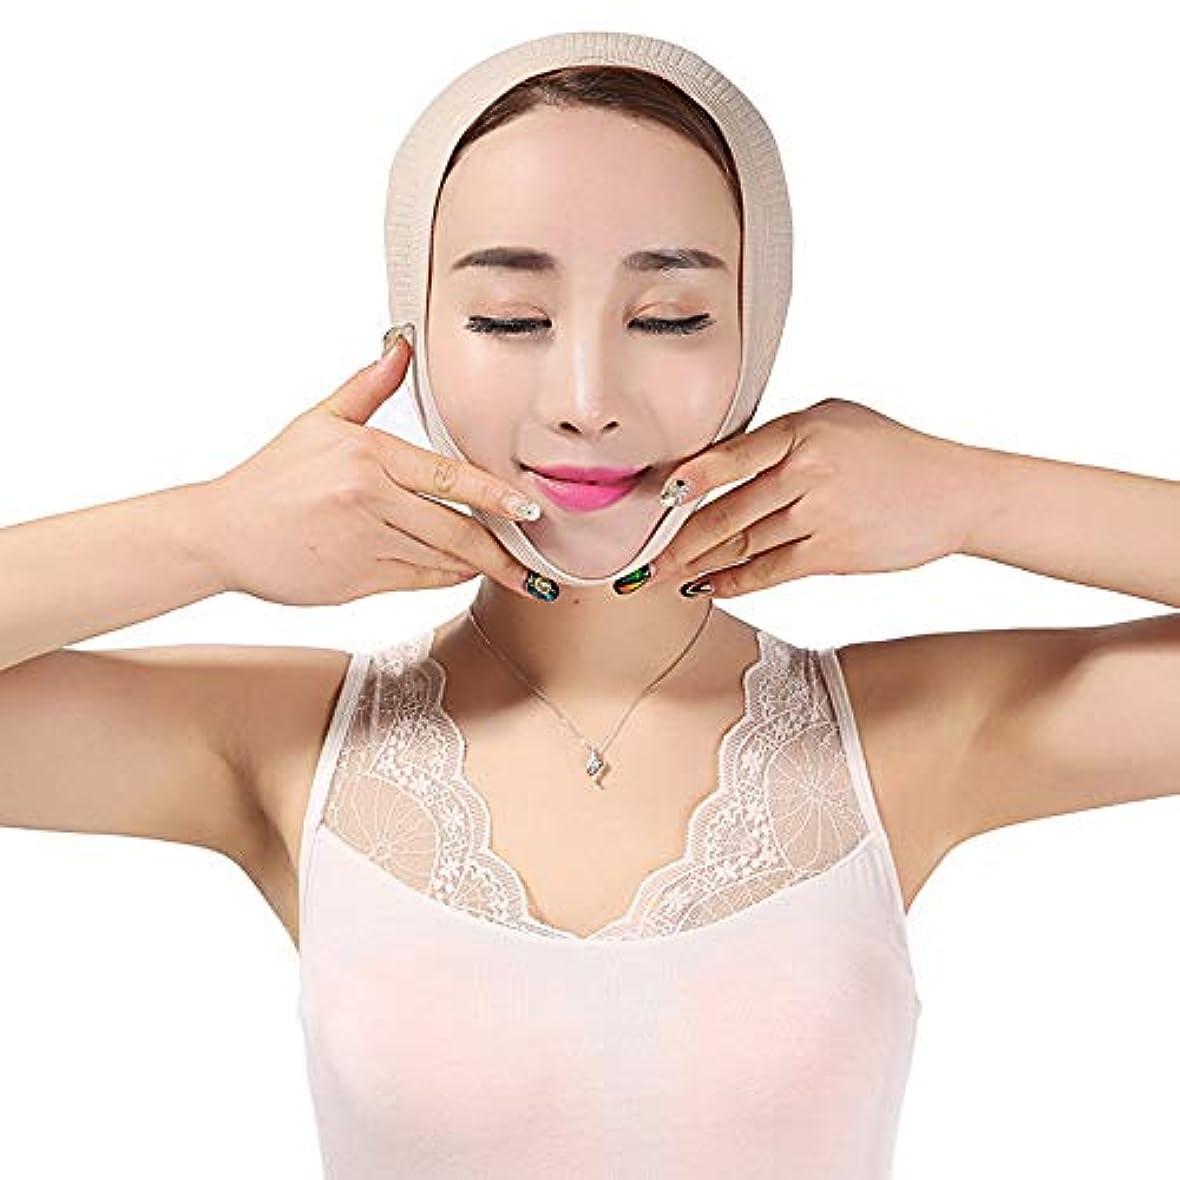 GYZ フェイシャルリフティングスリミングベルト-Vフェイスバンデージマスクフェイシャルマッサージアンチエイジングリンクルダブルチンワークアウト Thin Face Belt